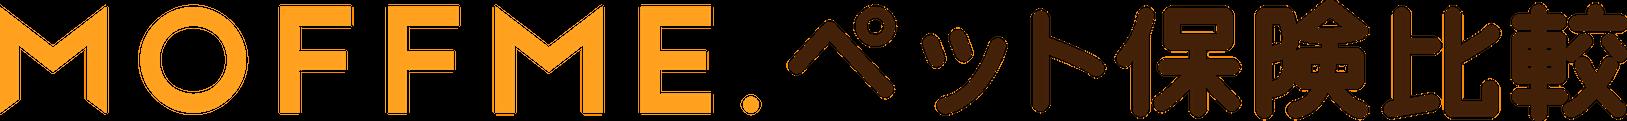 ペット保険比較のMOFFME(モフミー)ロゴ画像